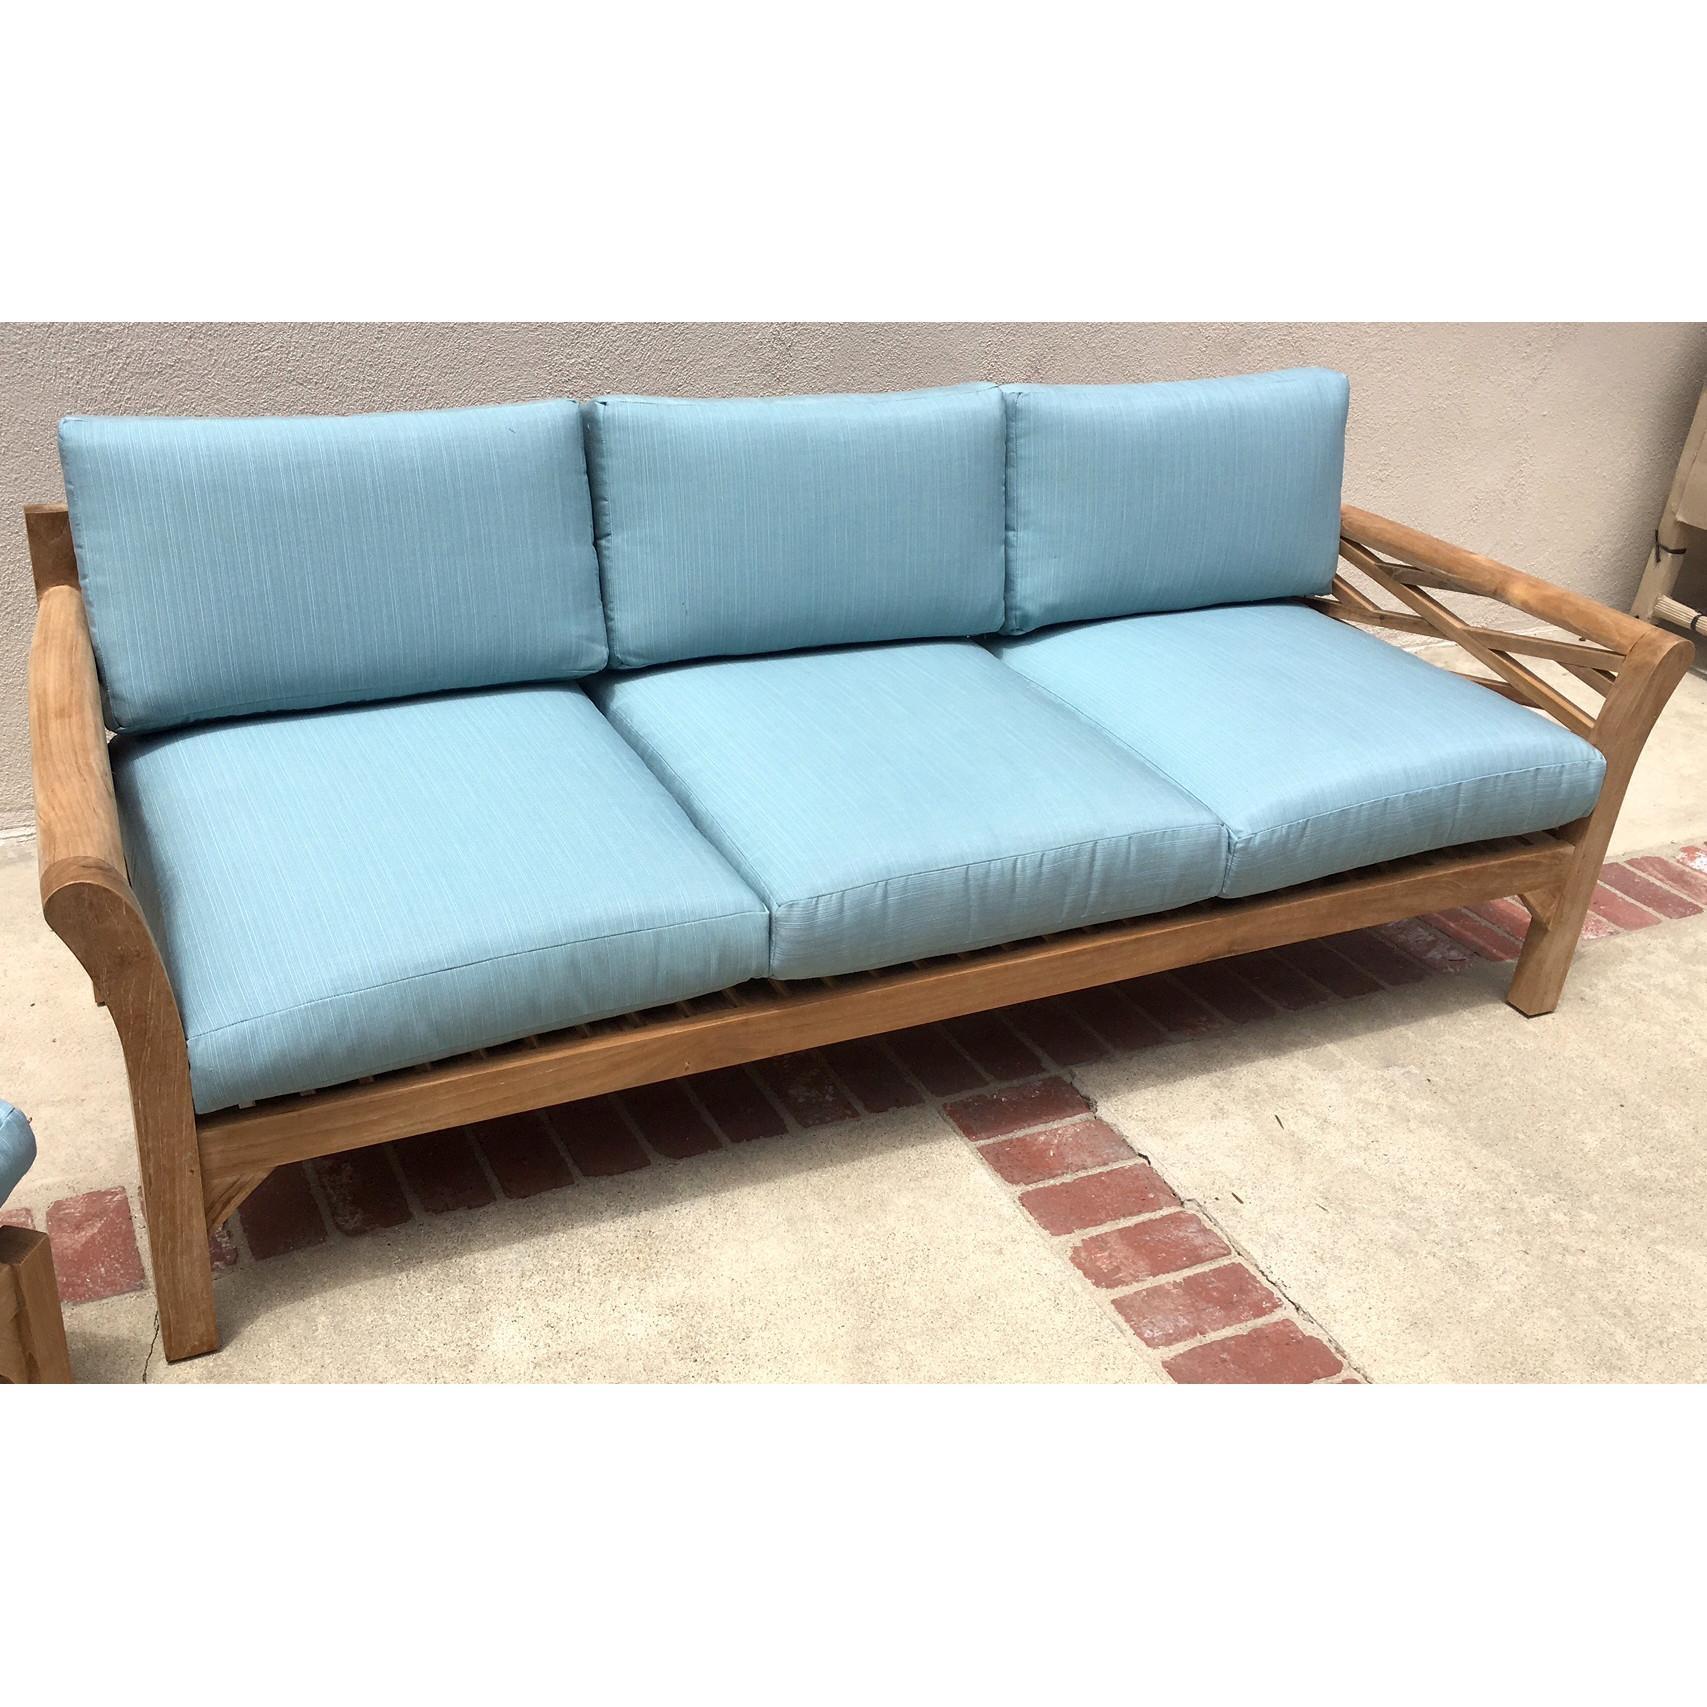 oversized patio chair cushions cheap high chairs walmart 20 ideas of deep cushion sofa |